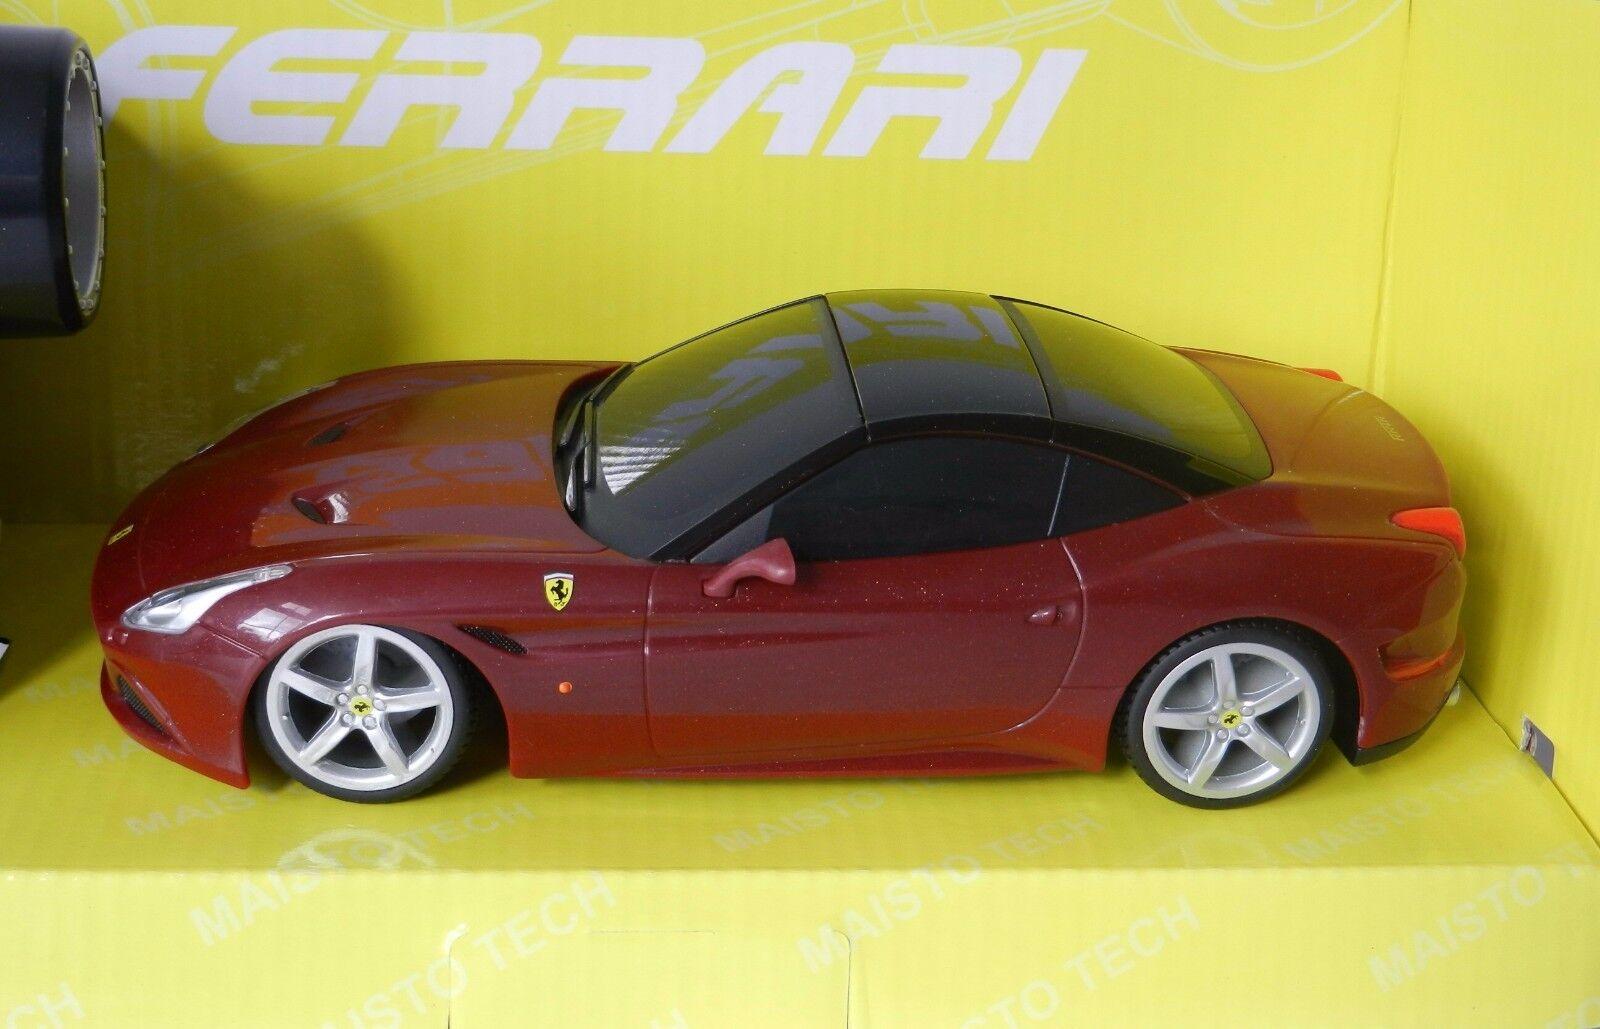 RC FERRARI CALIFORNIA T REMOTE CONTROL MODEL CAR by MAISTO, 1 24